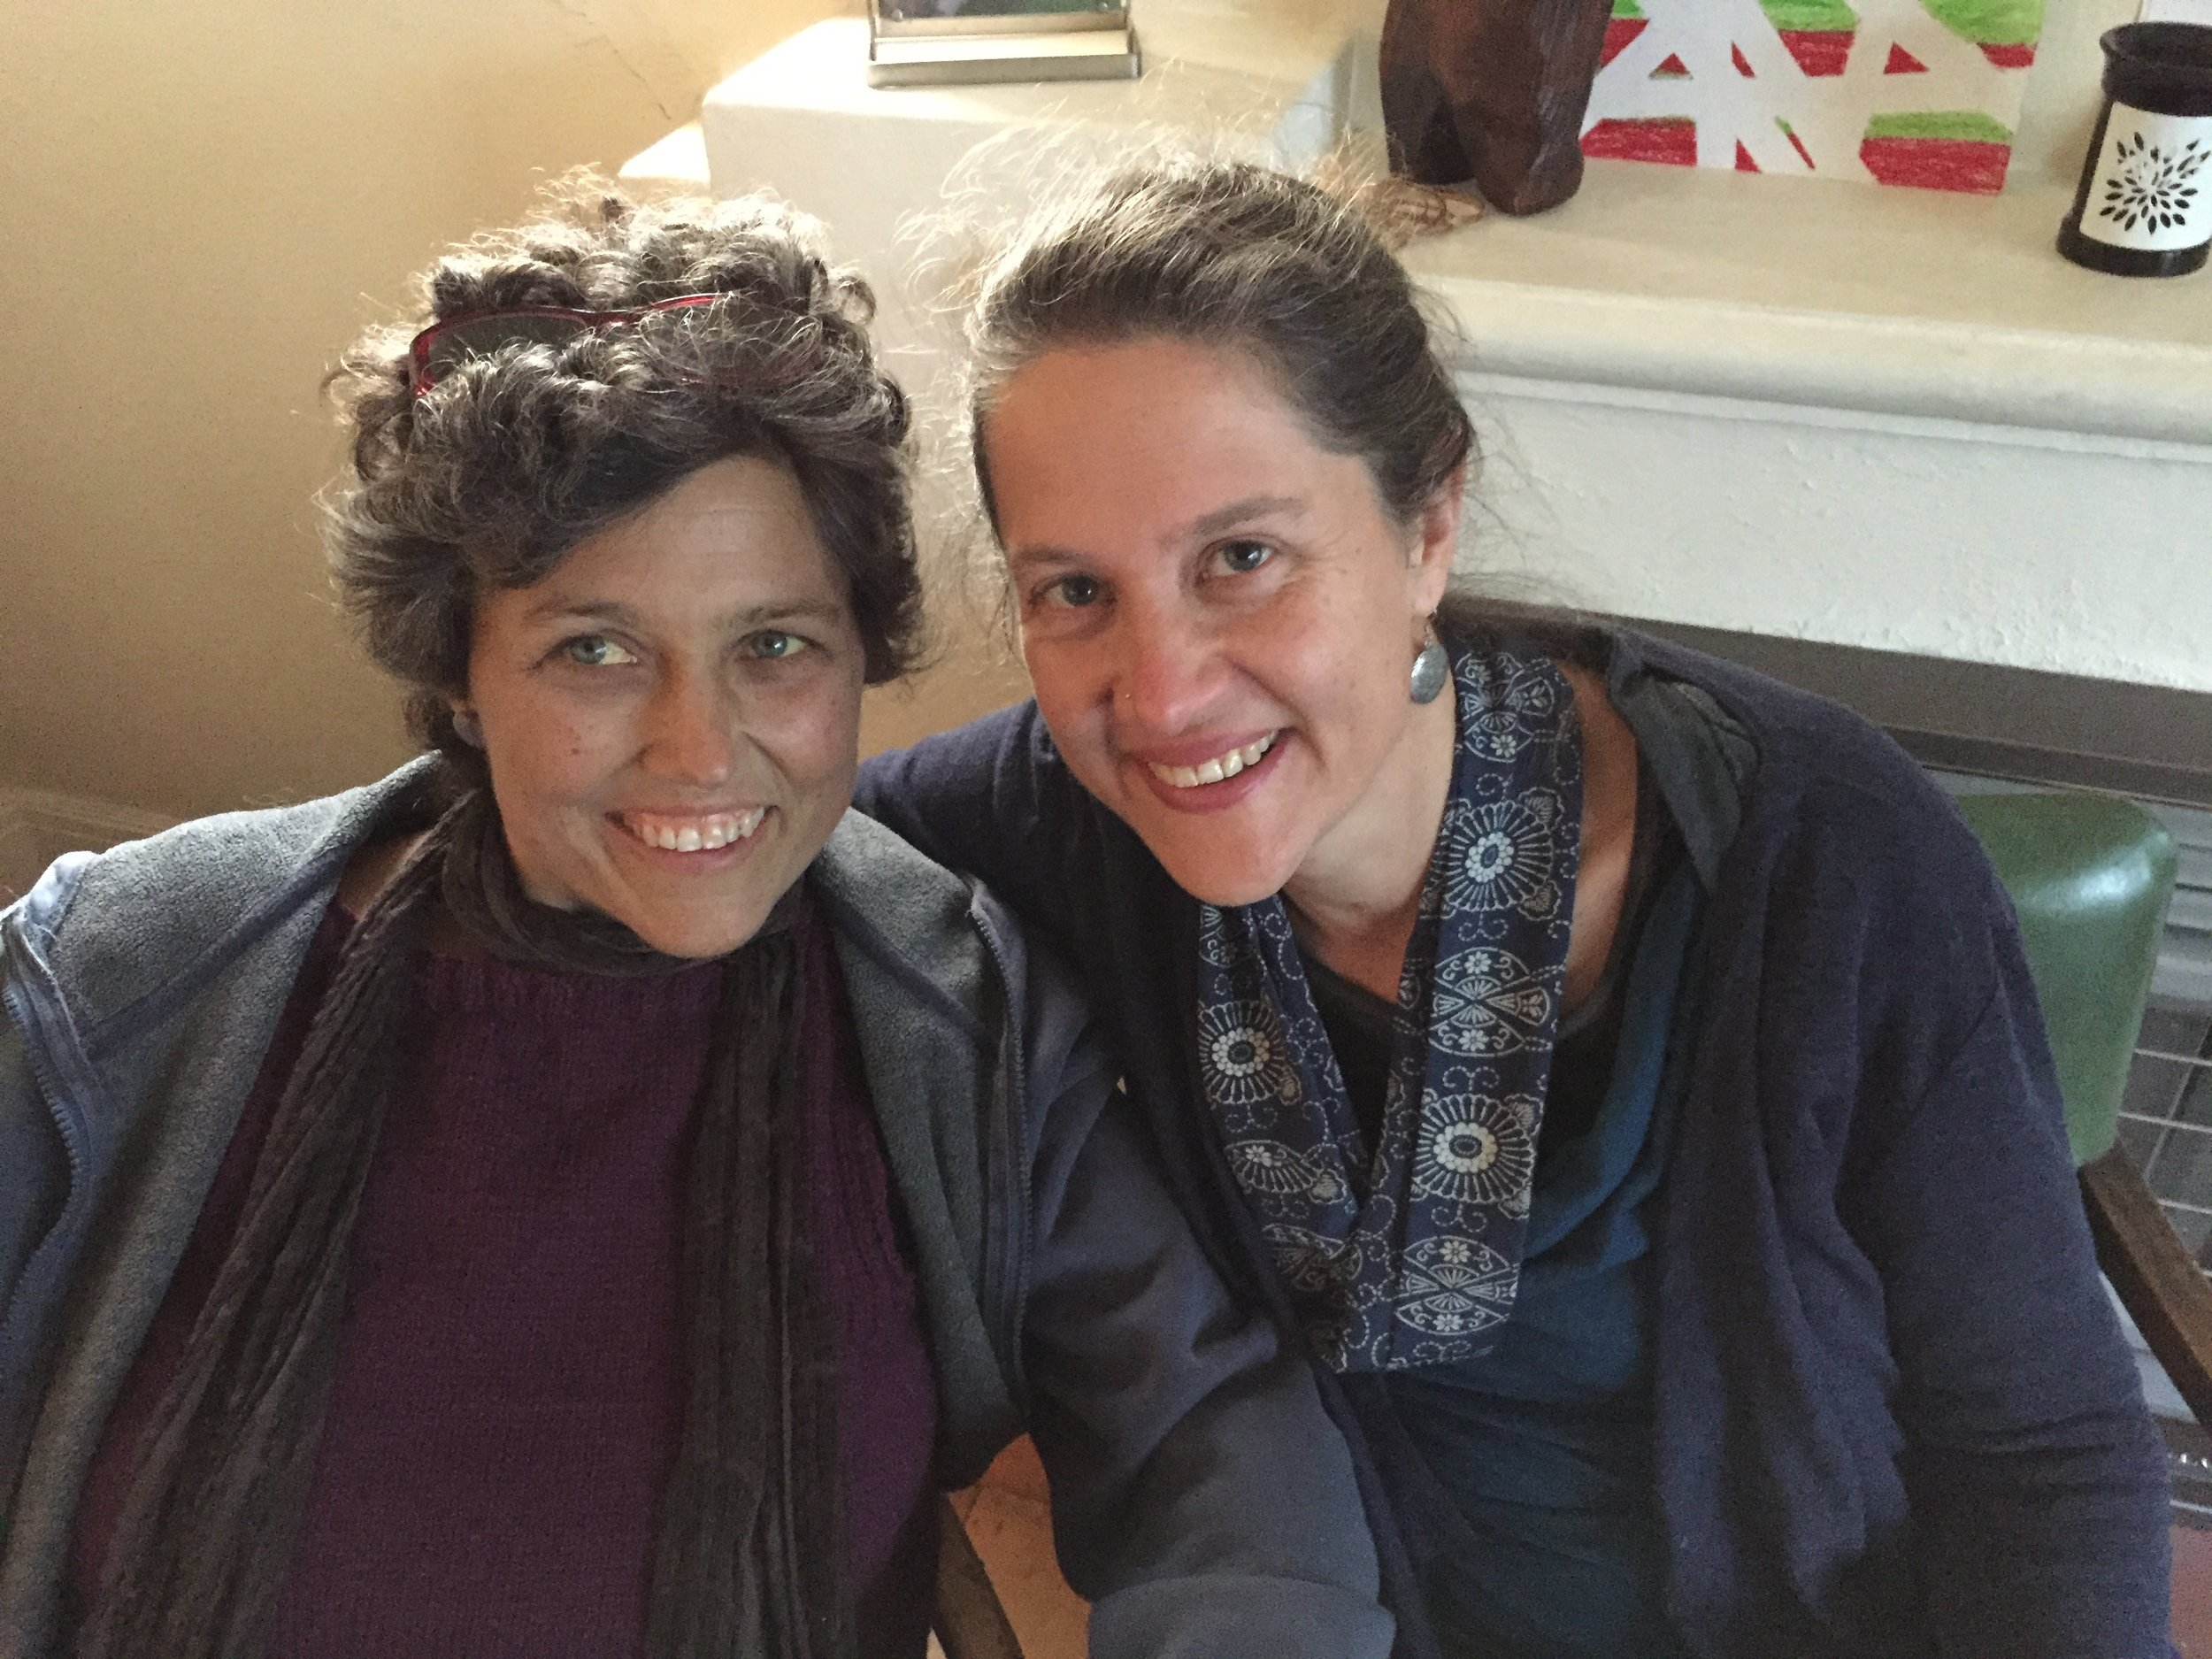 Sisters - Corrina Le Cornu with me Anahata Giri, 11 days before Corrina died